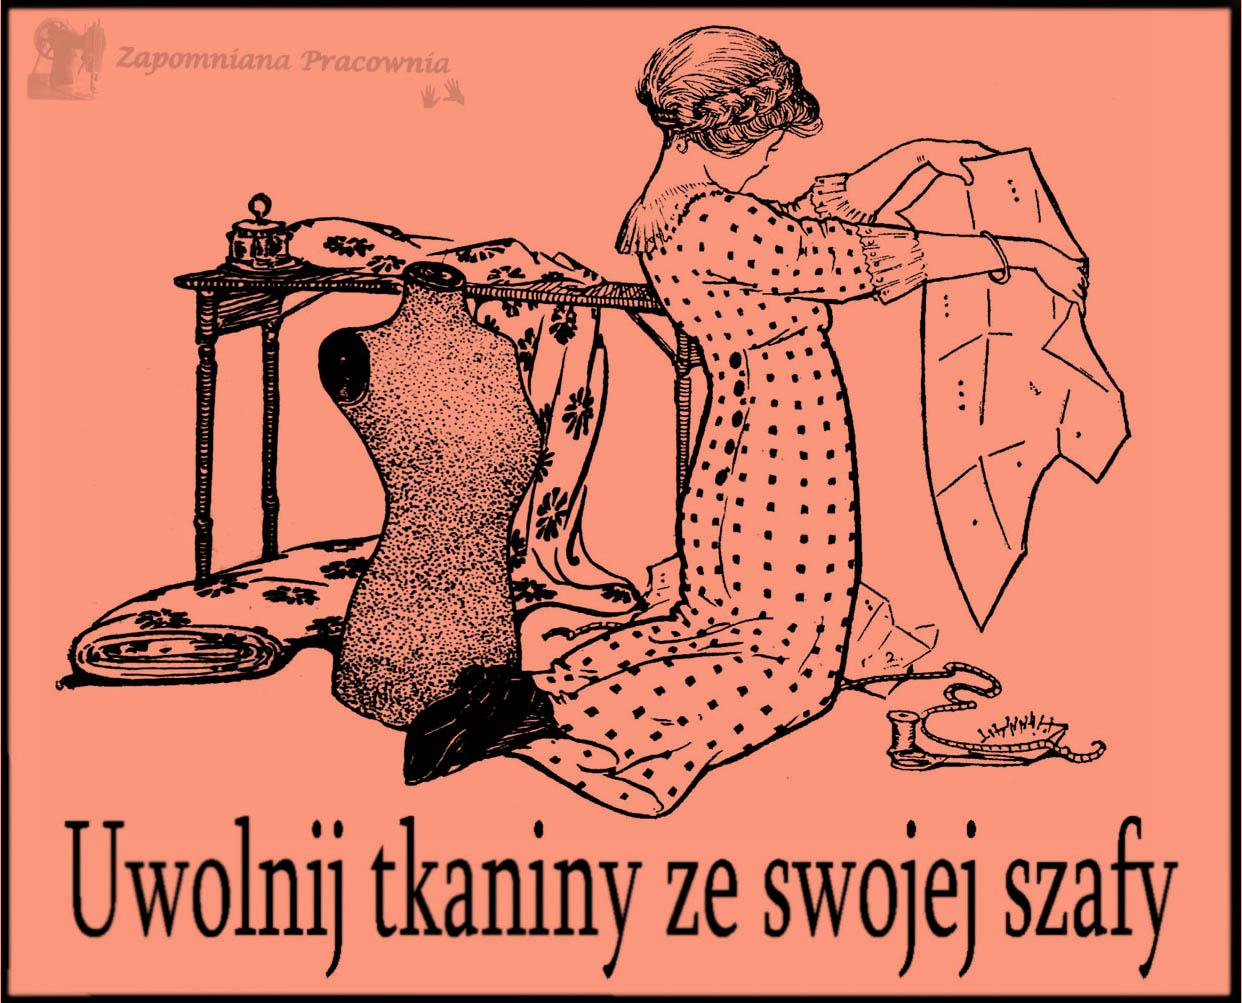 Uwolnij tkaniny